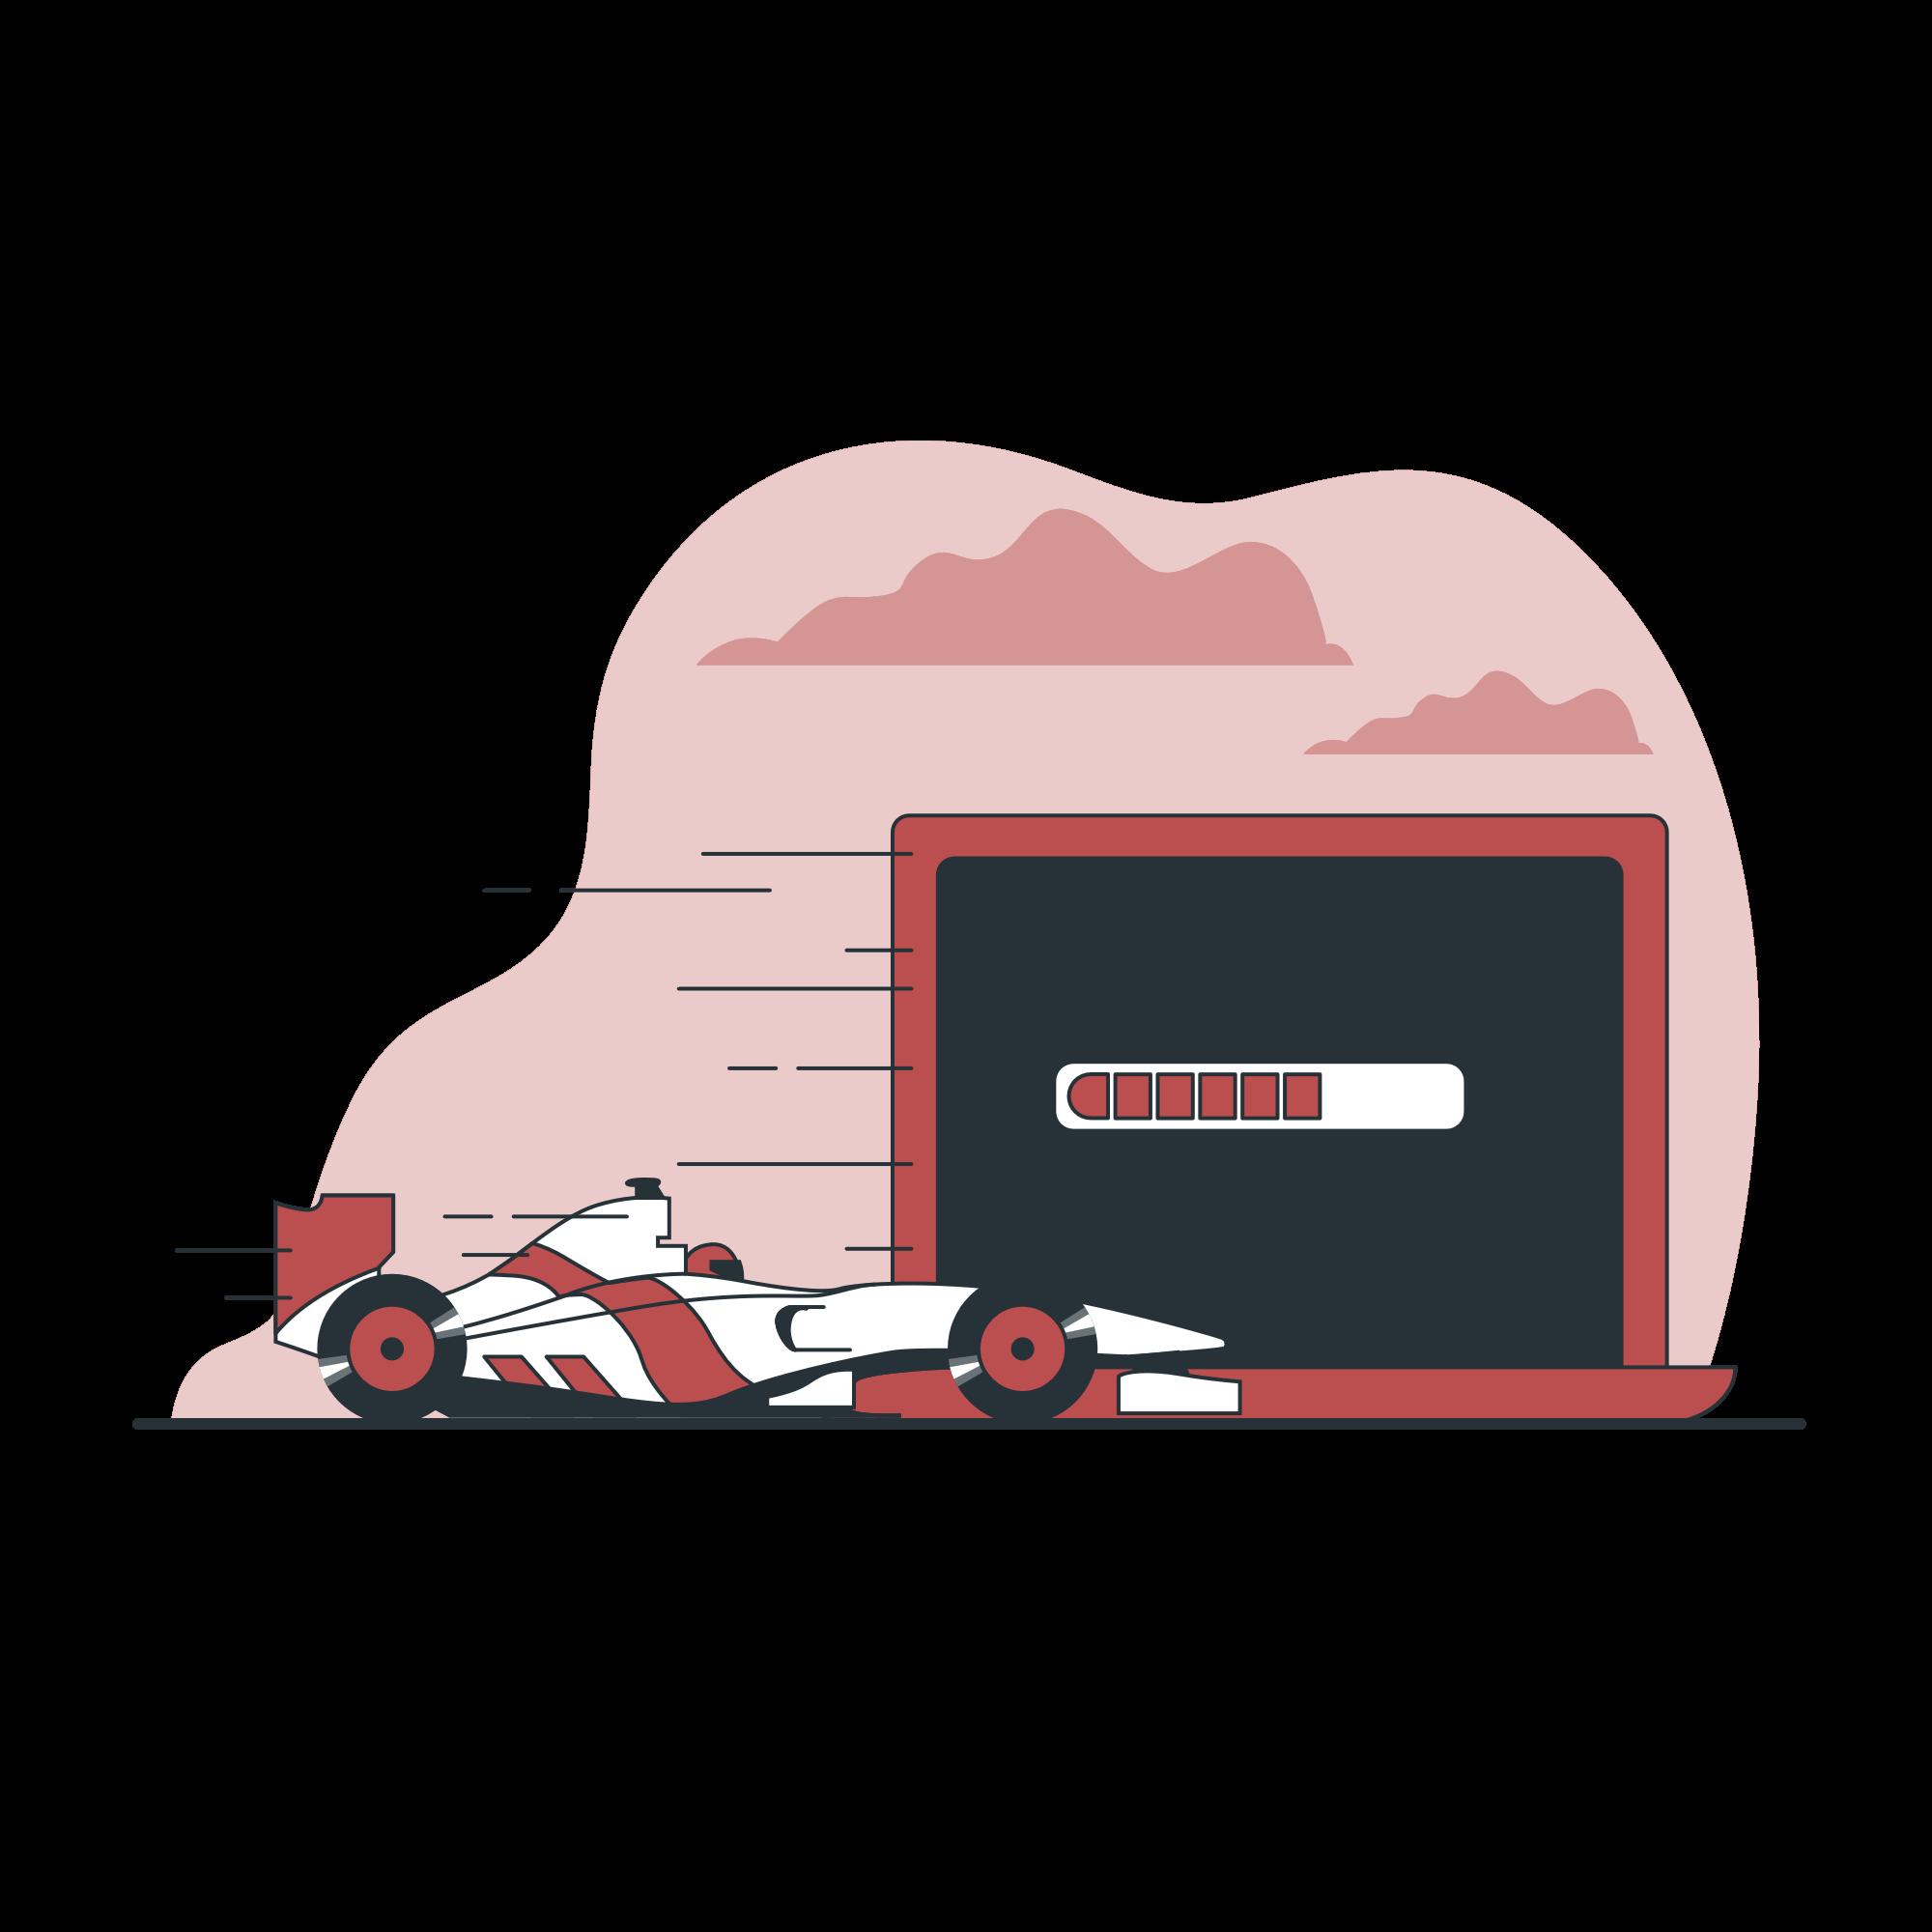 Desenvolvo seu site para ser rápido e eficiente